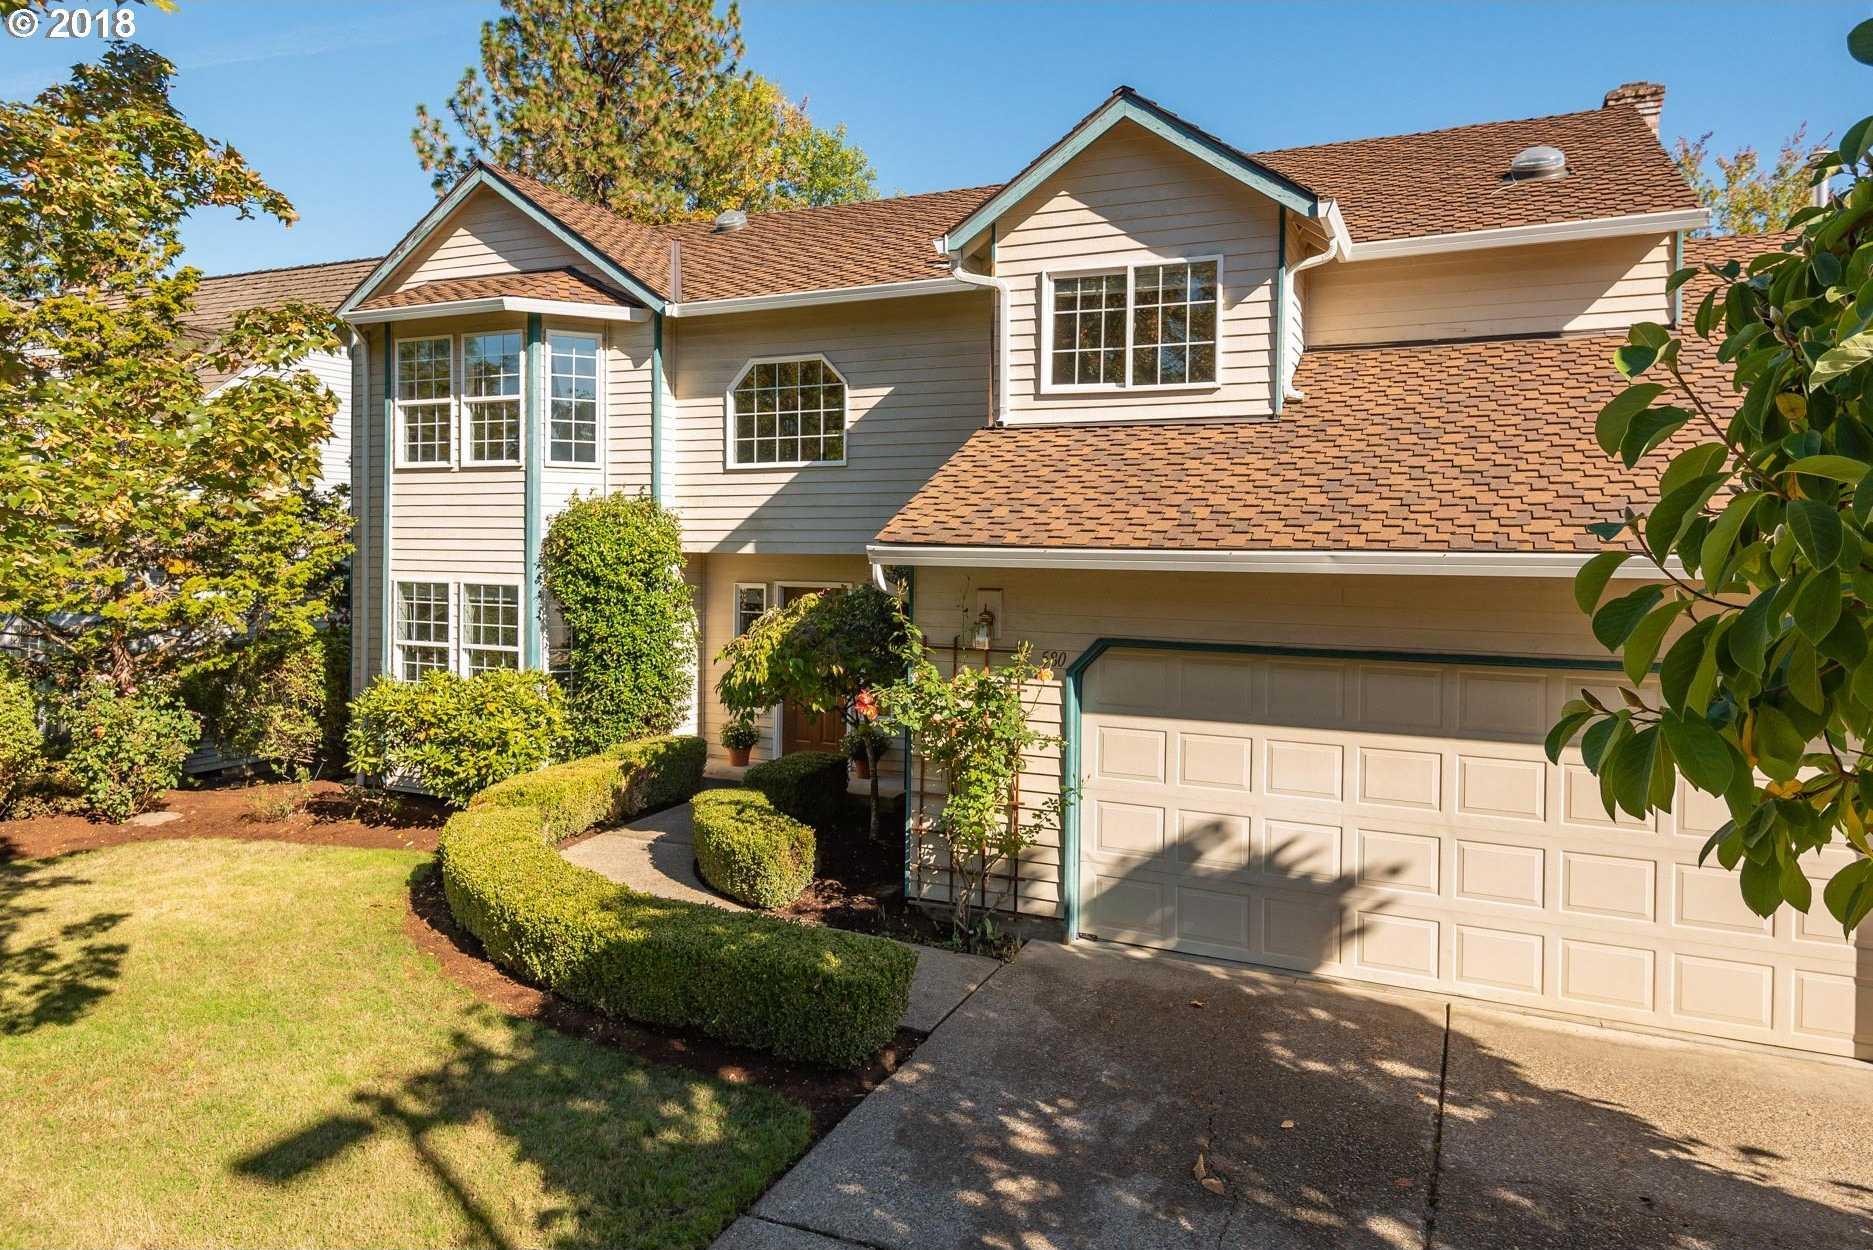 $499,000 - 4Br/3Ba -  for Sale in Waterhouse South, Beaverton